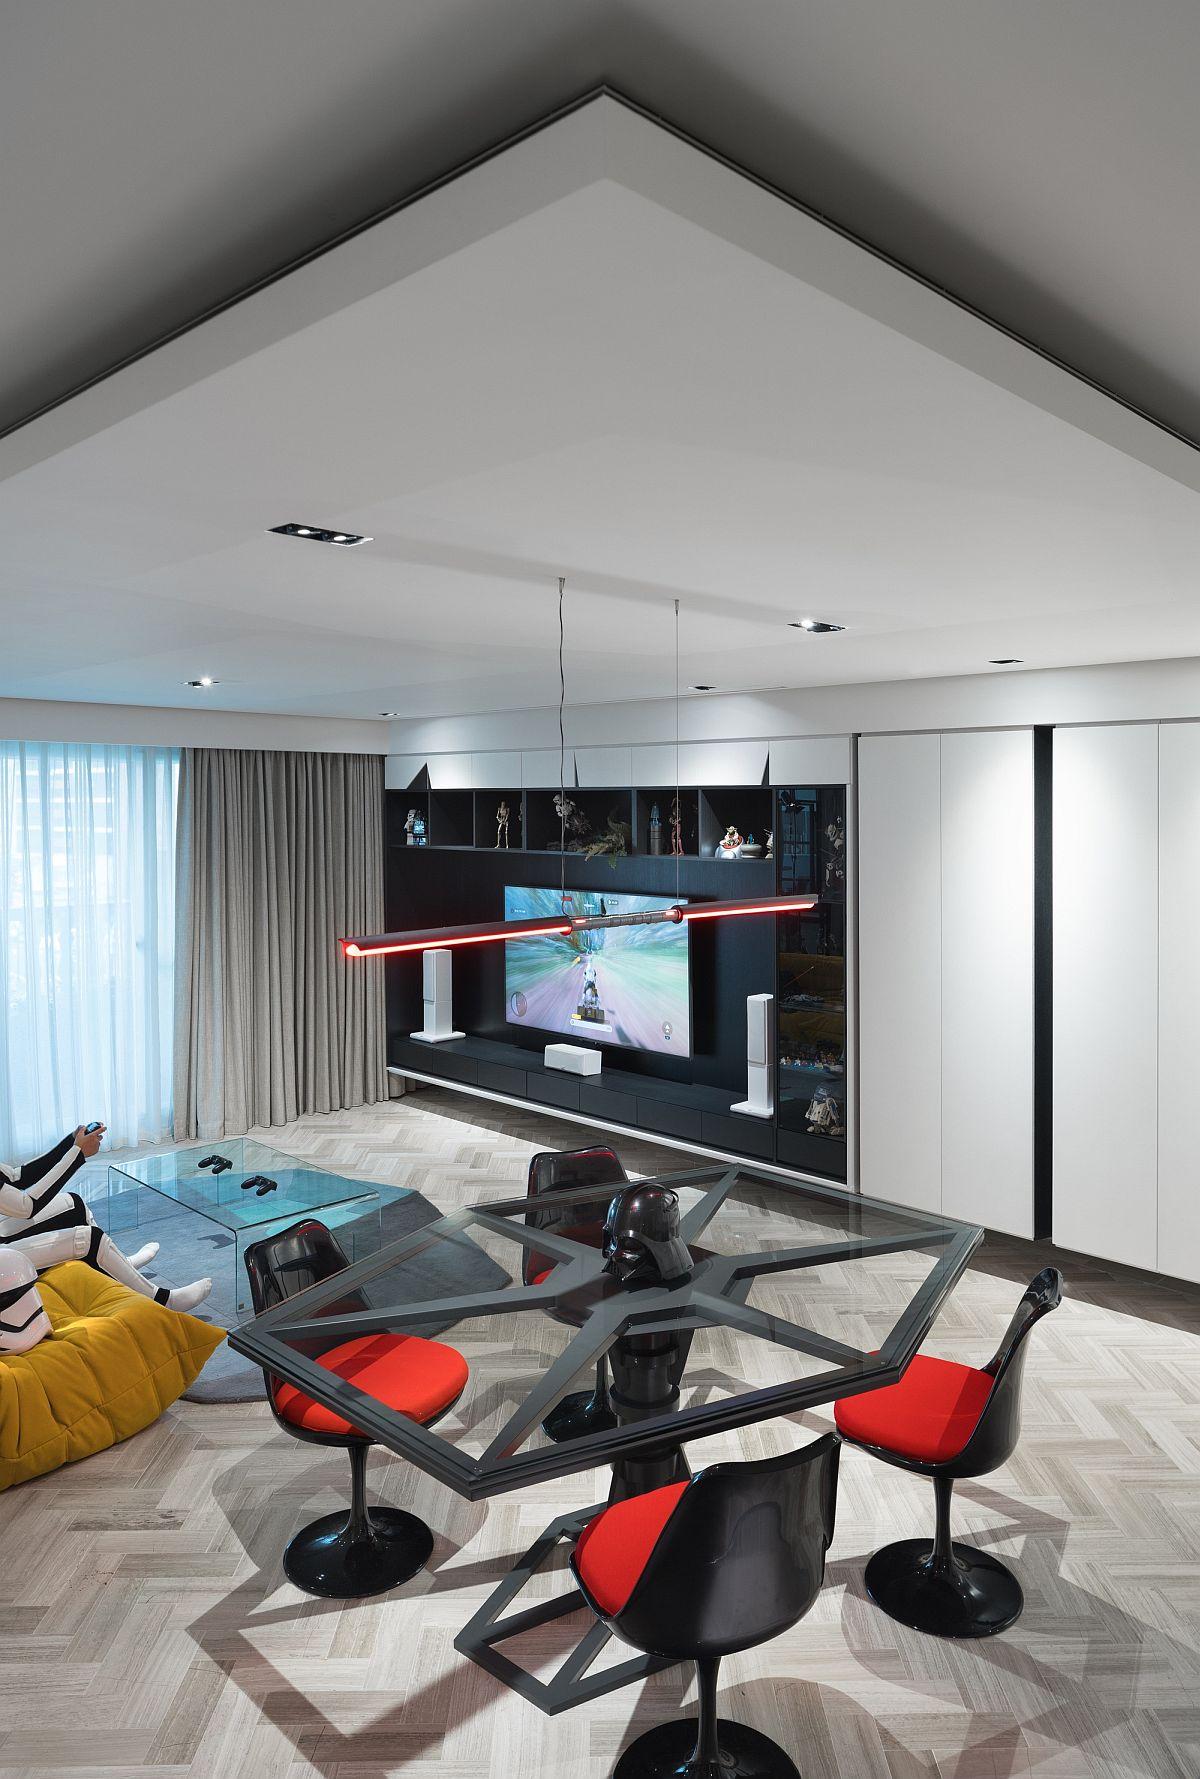 apartament-s-interior-koito-vi-prenasq-v-drugo-izmerenie-3g